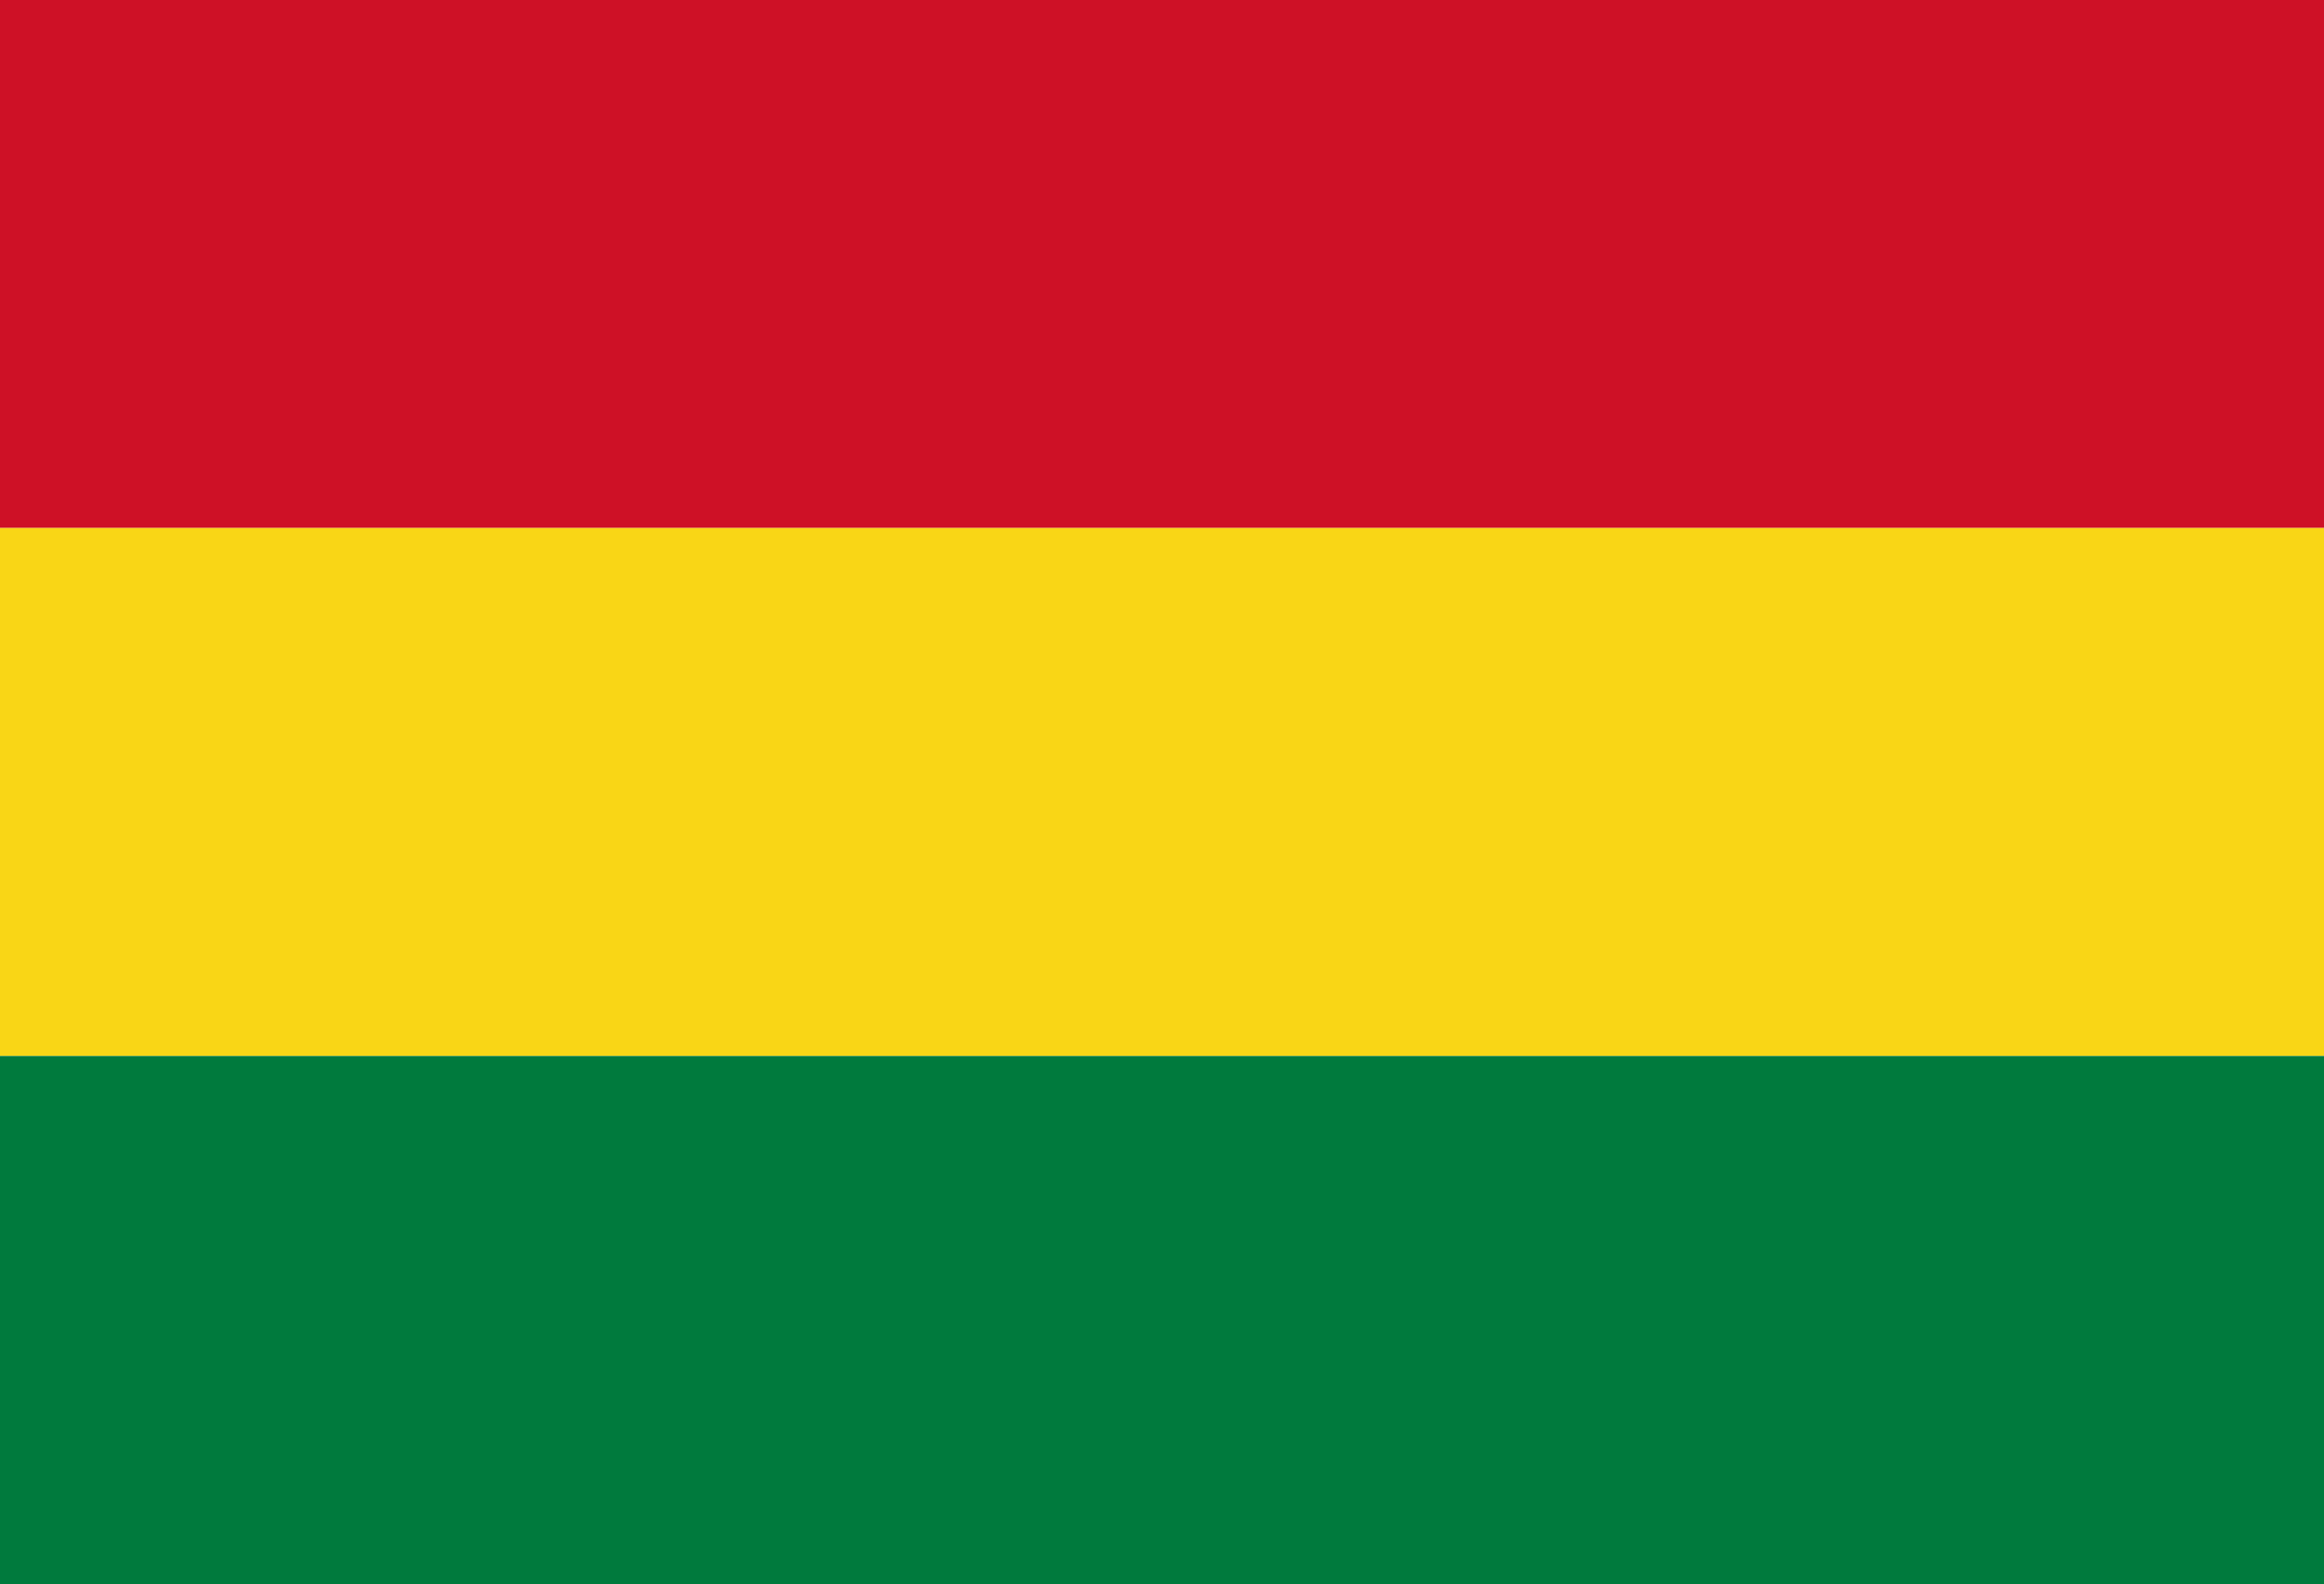 bolivia, 国家, 会徽, 徽标, 符号 - 高清壁纸 - 教授-falken.com